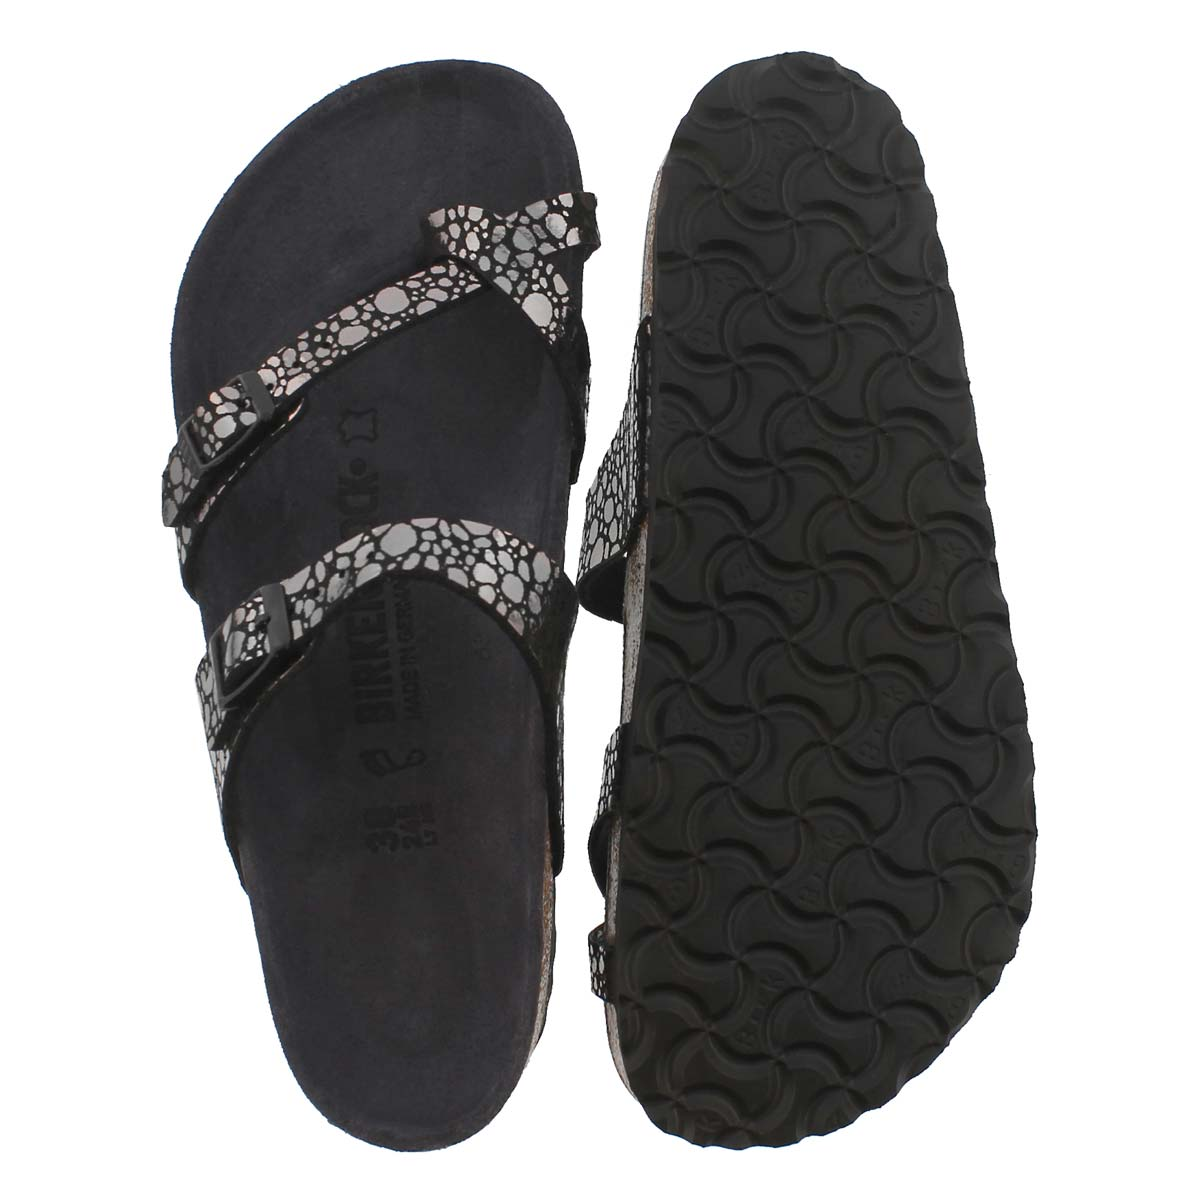 Lds Mayari BF metallic stones black sndl